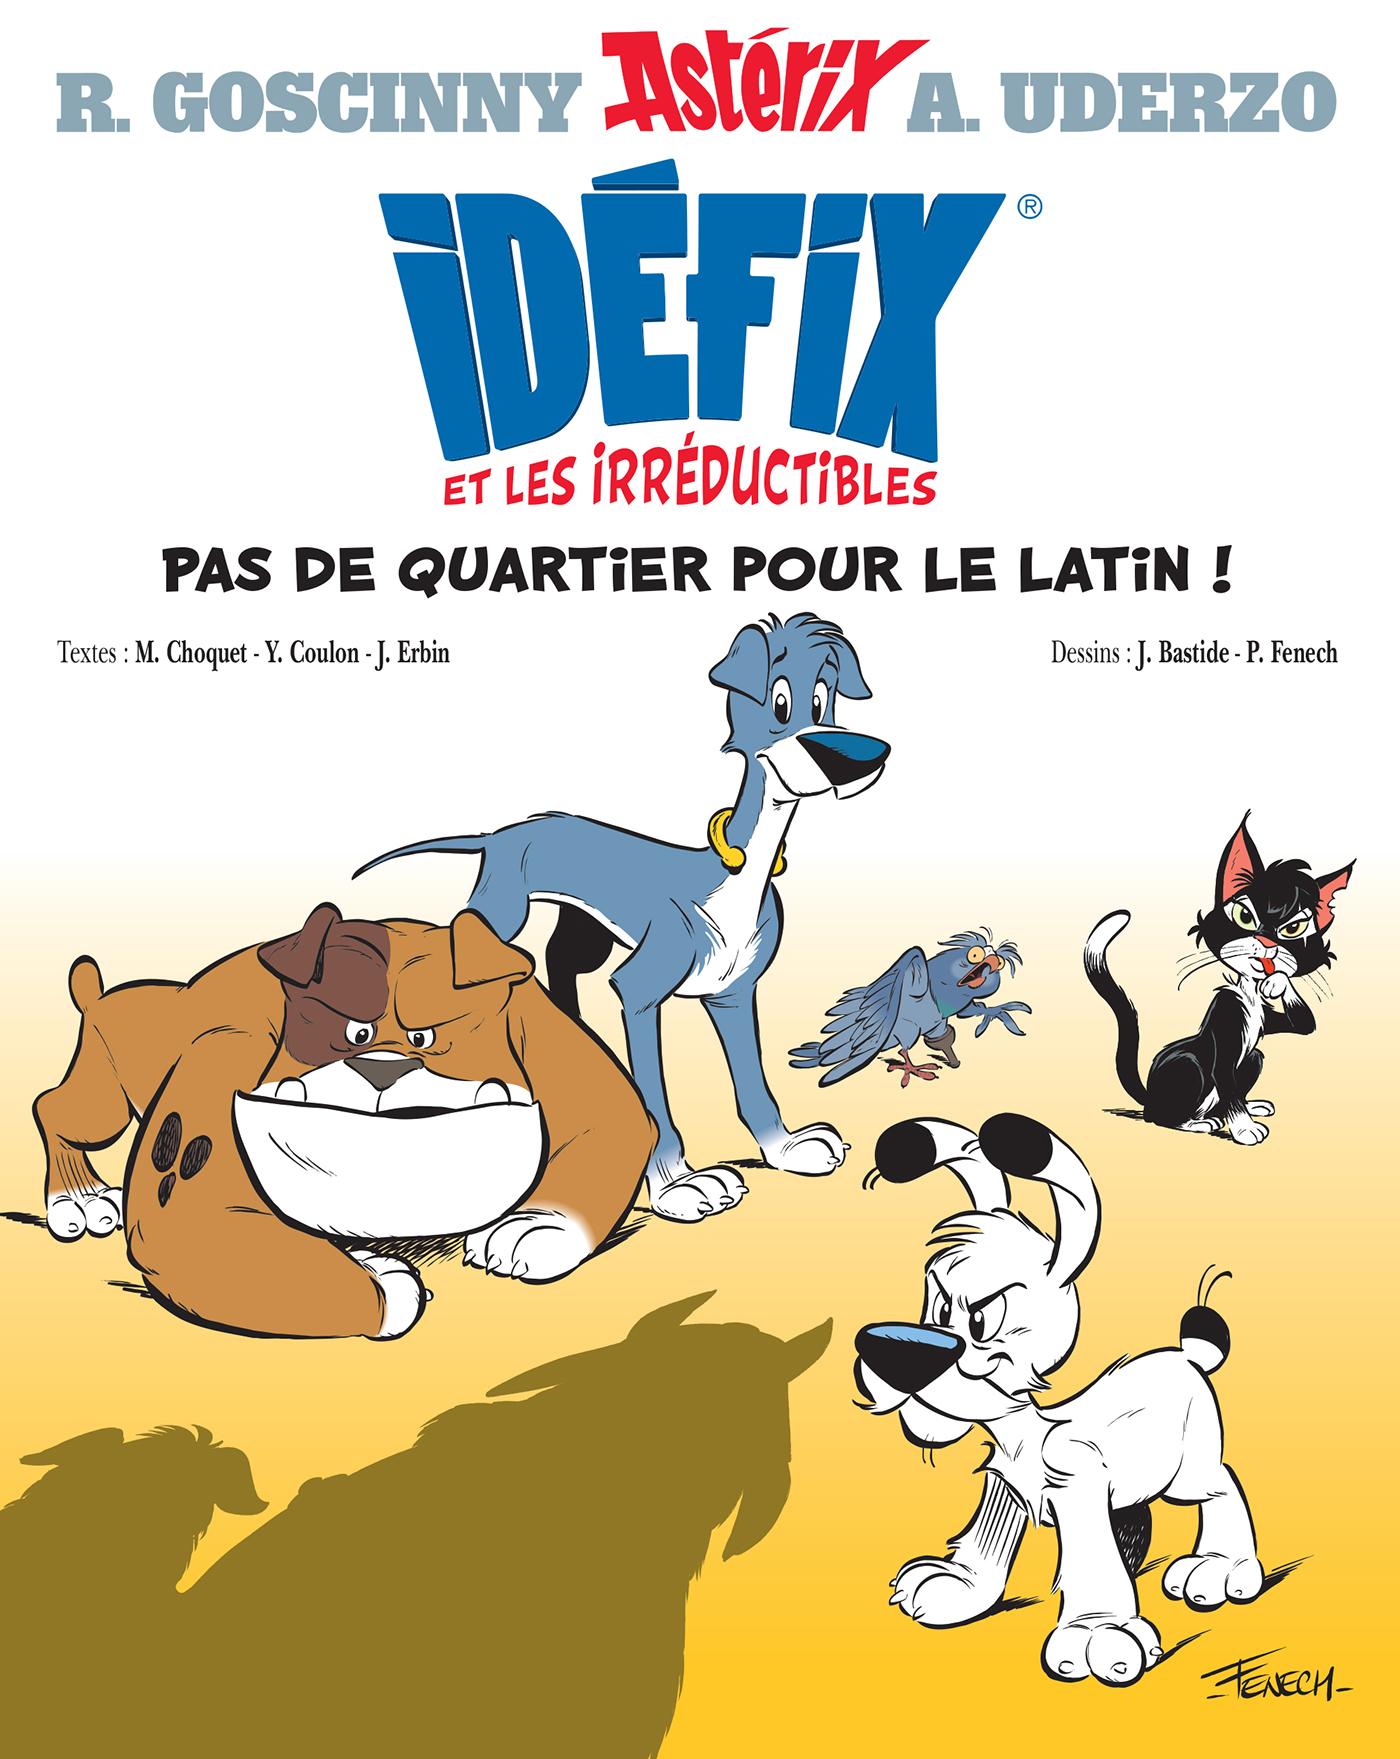 Idéfix et les Irréductibles - Pas de quartier pour le latin ! image couverture bande dessinée